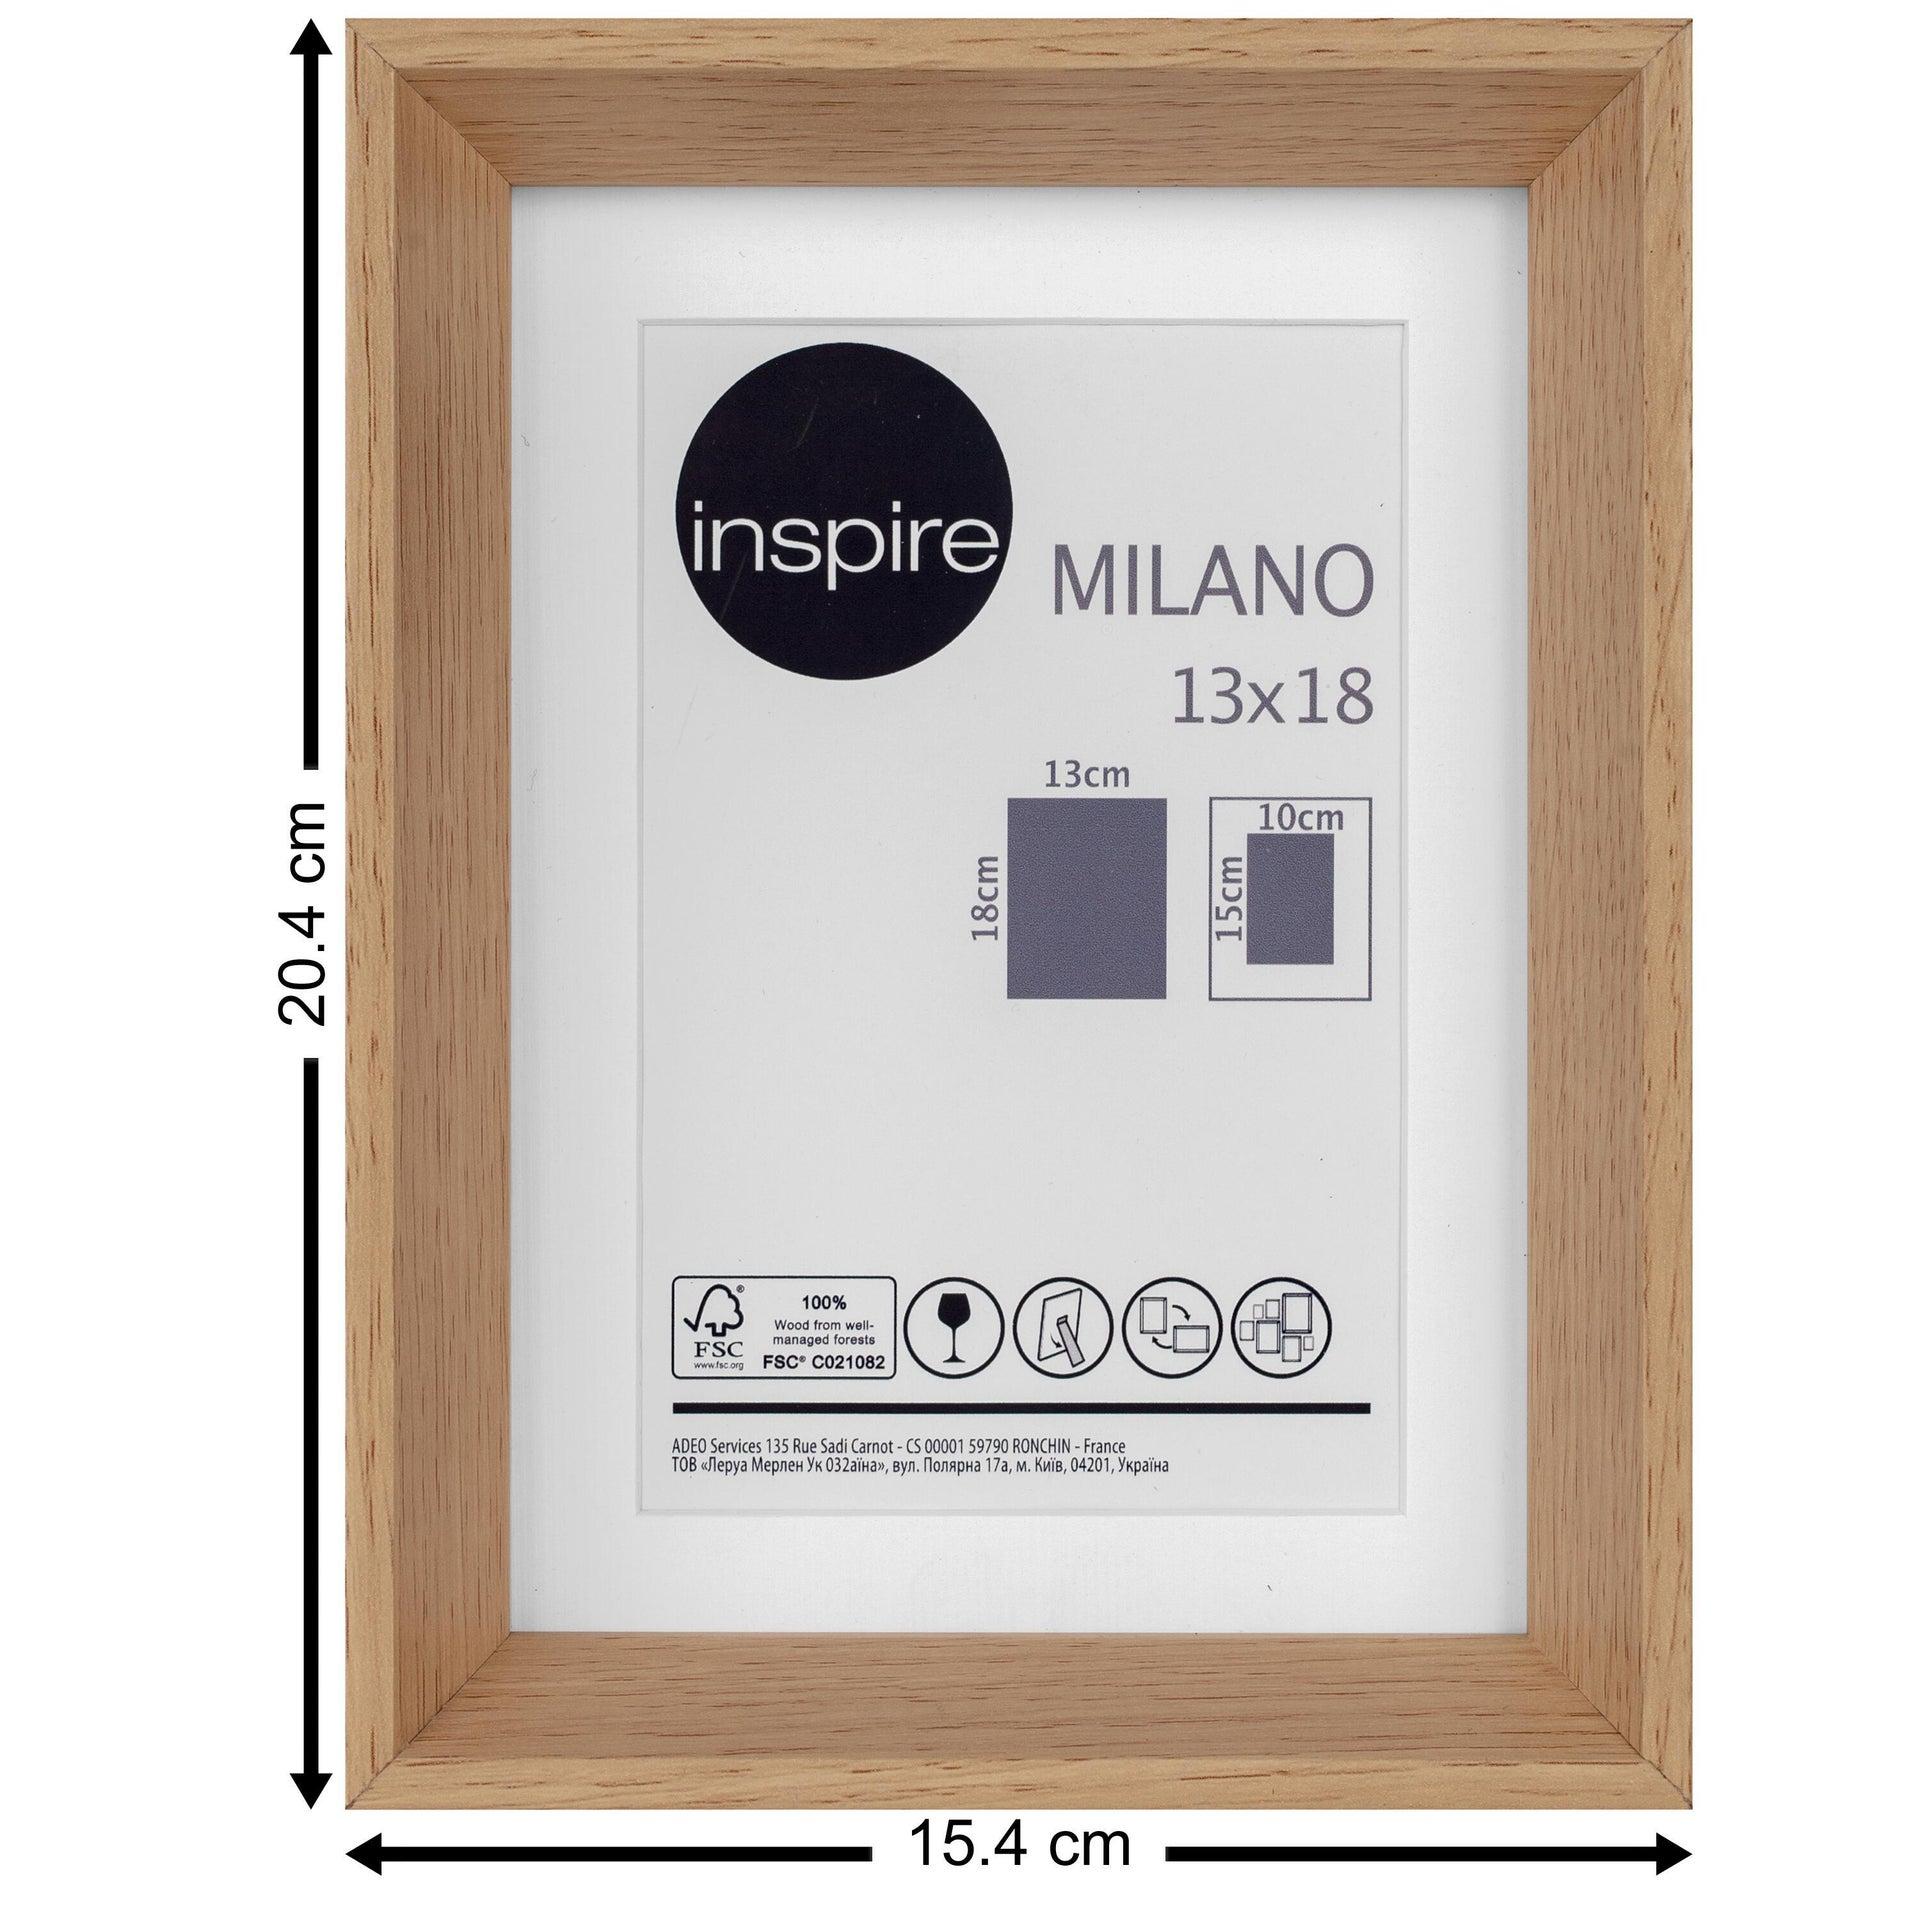 Cornice con passe-partout Inspire milano rovere 13x18 cm - 8